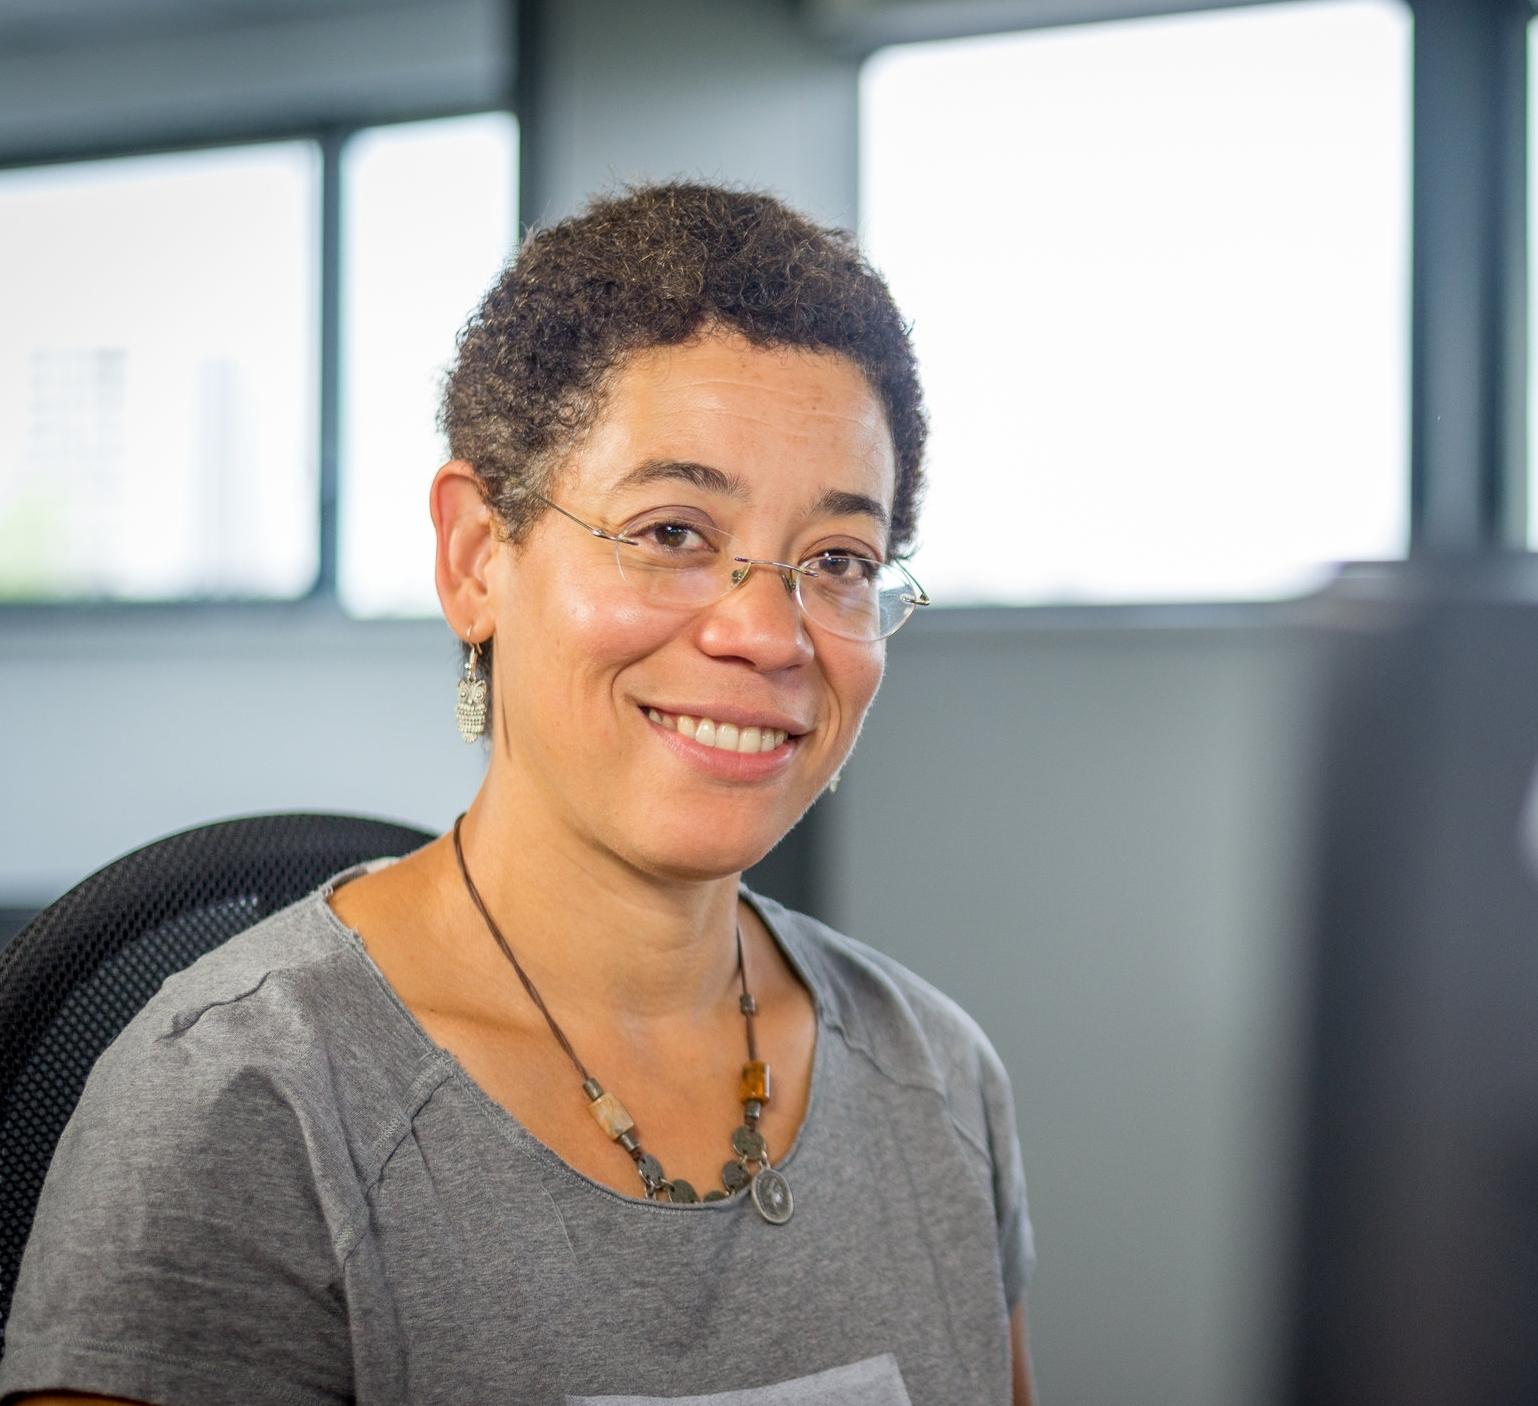 Laura Quinones   Infirmière de formation, Laura accompagne les professionnels de santé dans l'usage de GLOBULE. Elle conseille les chargés de projets e-santé dans la diffusion des usages dans le secteur libéral. Elle contribue à la conception des fonctions médicales et des contenus d'aide à la prise en main.